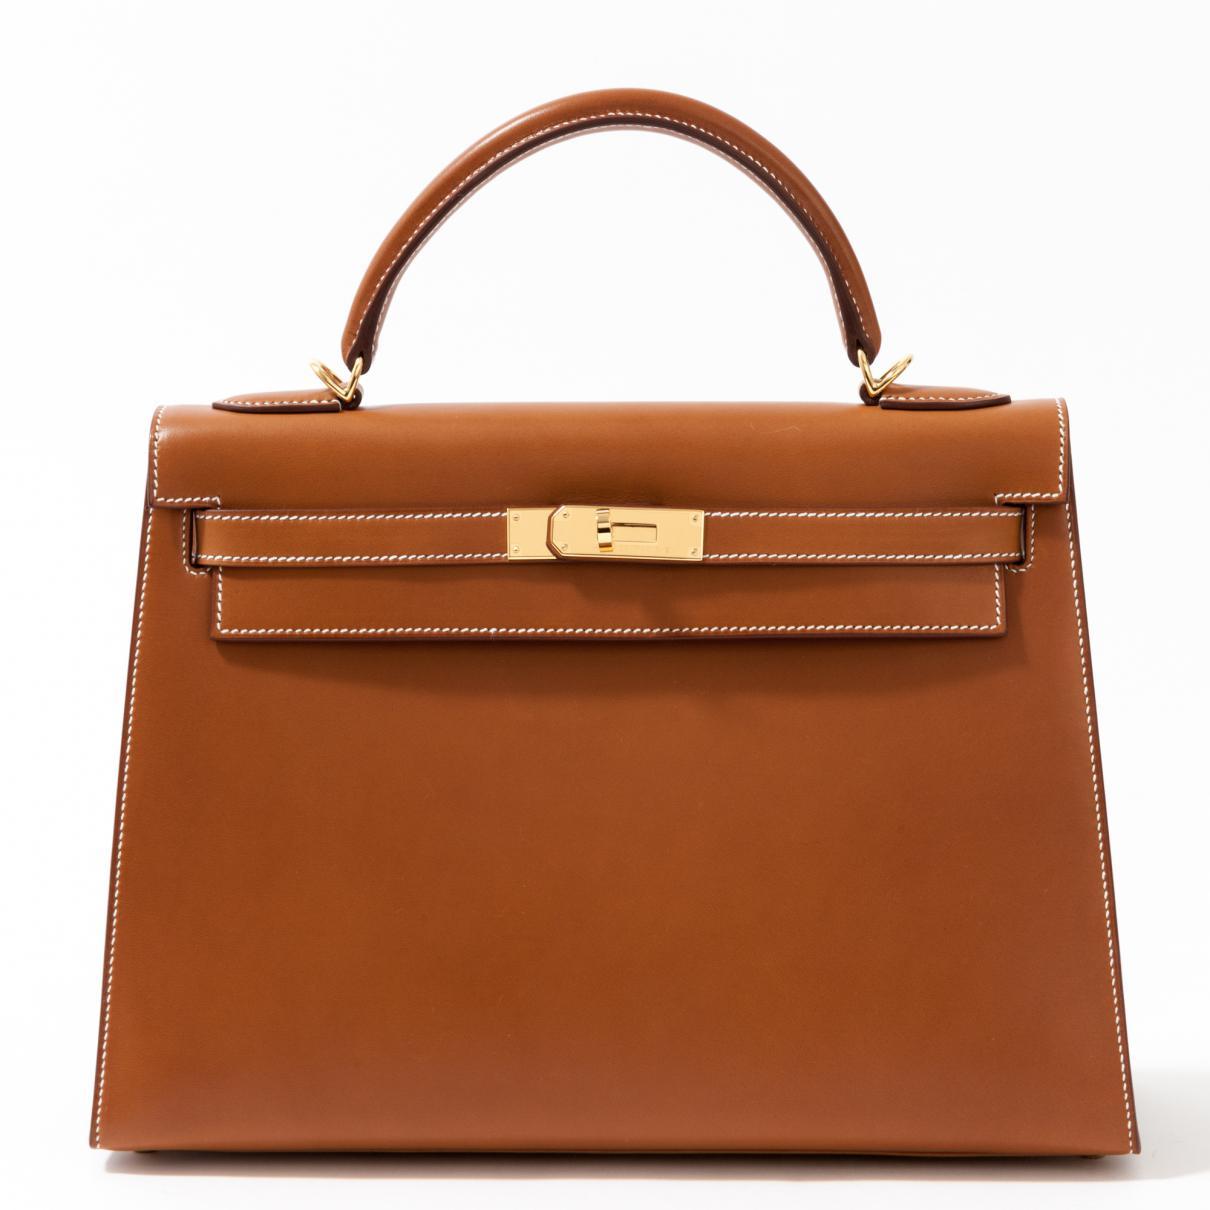 fea5f52cc4 Hermès Kelly 32 Leather Handbag in Brown - Lyst